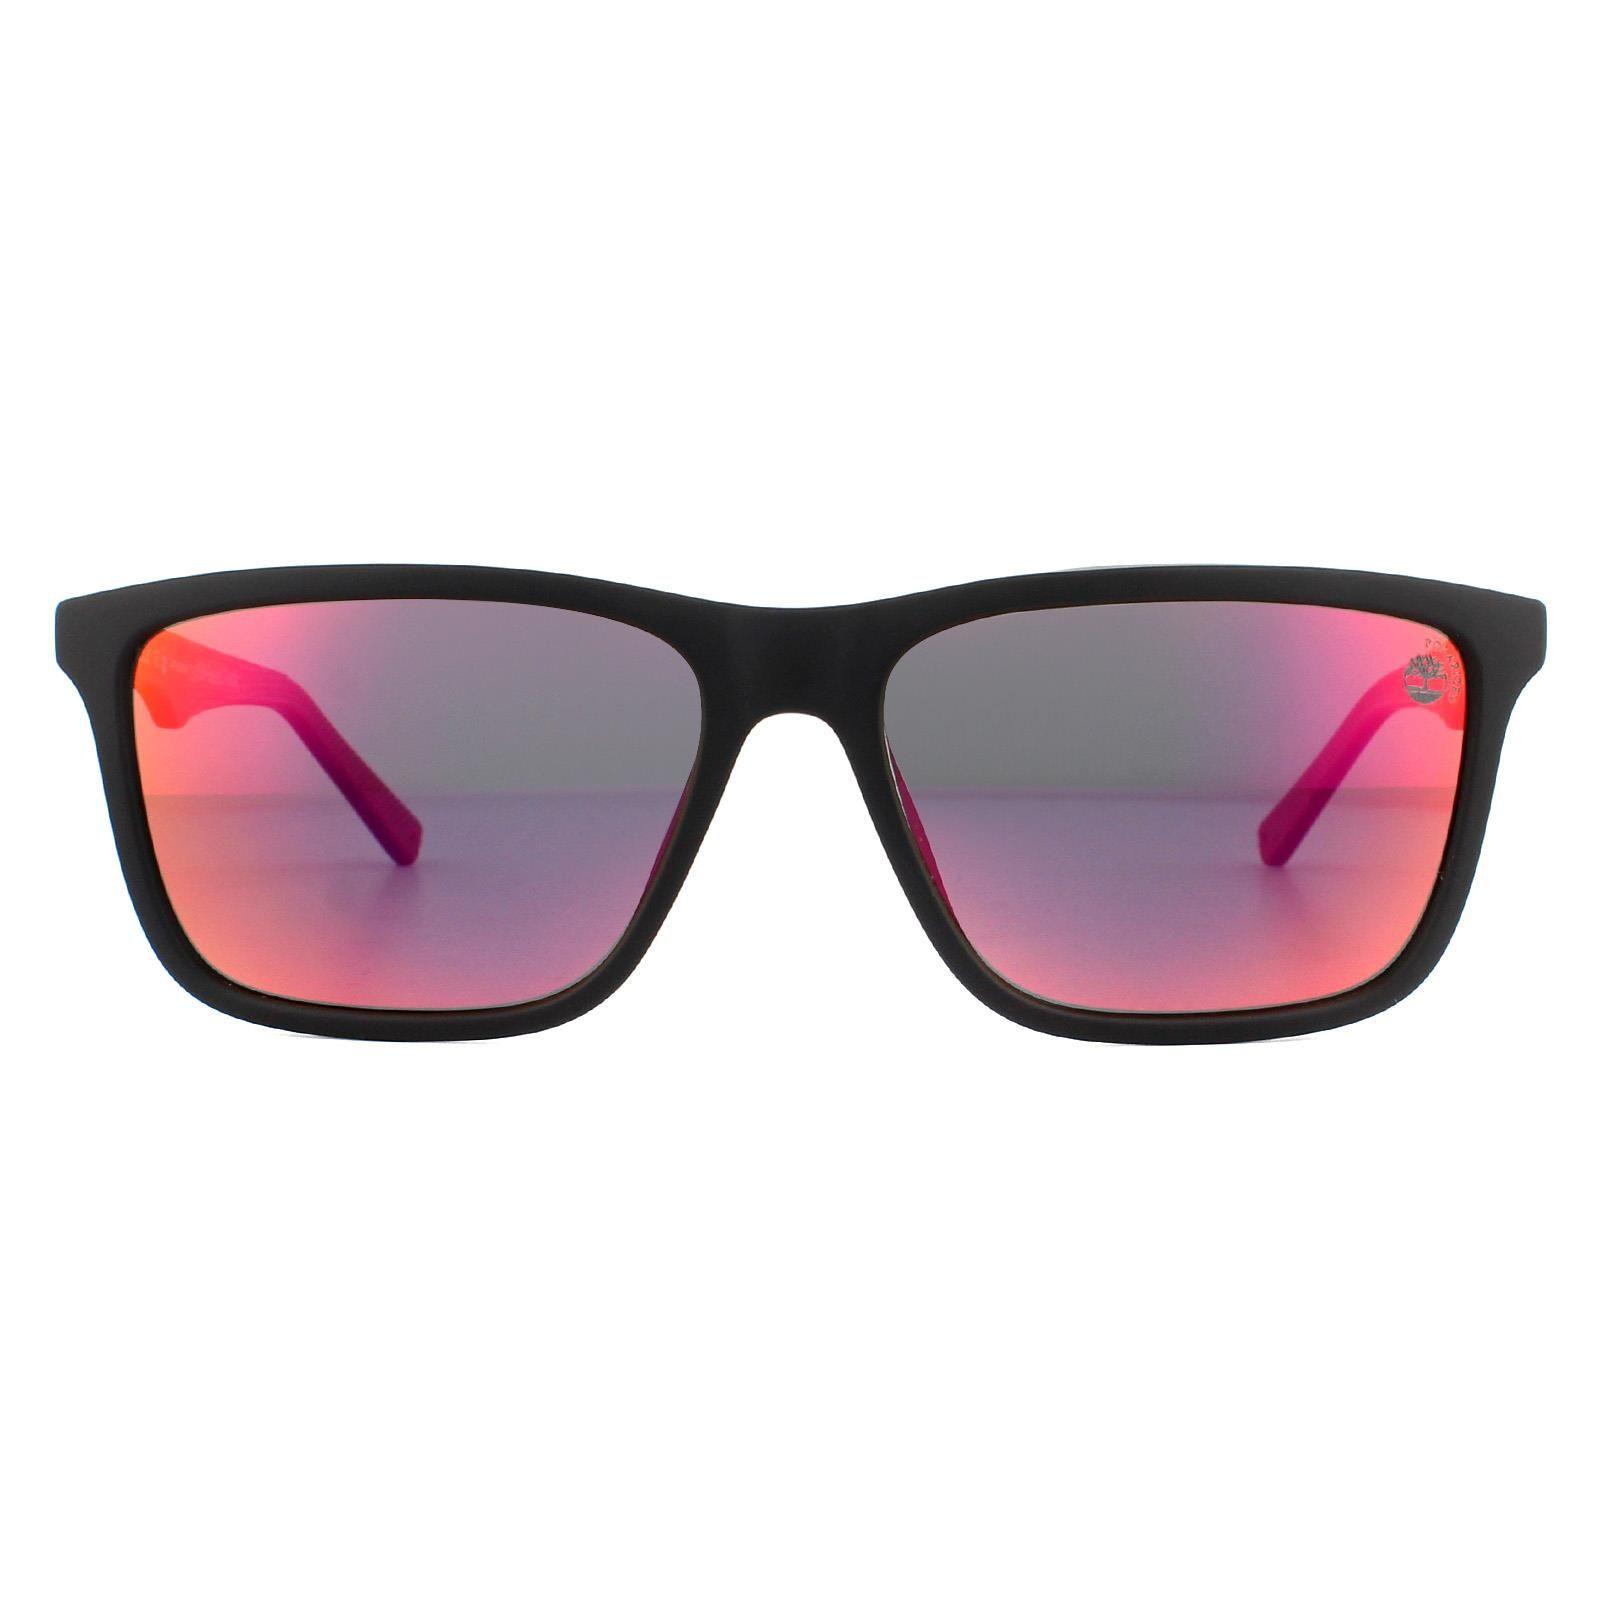 Timberland Sunglasses TB9174 02D Matte Black Red Smoke Grey Polarized